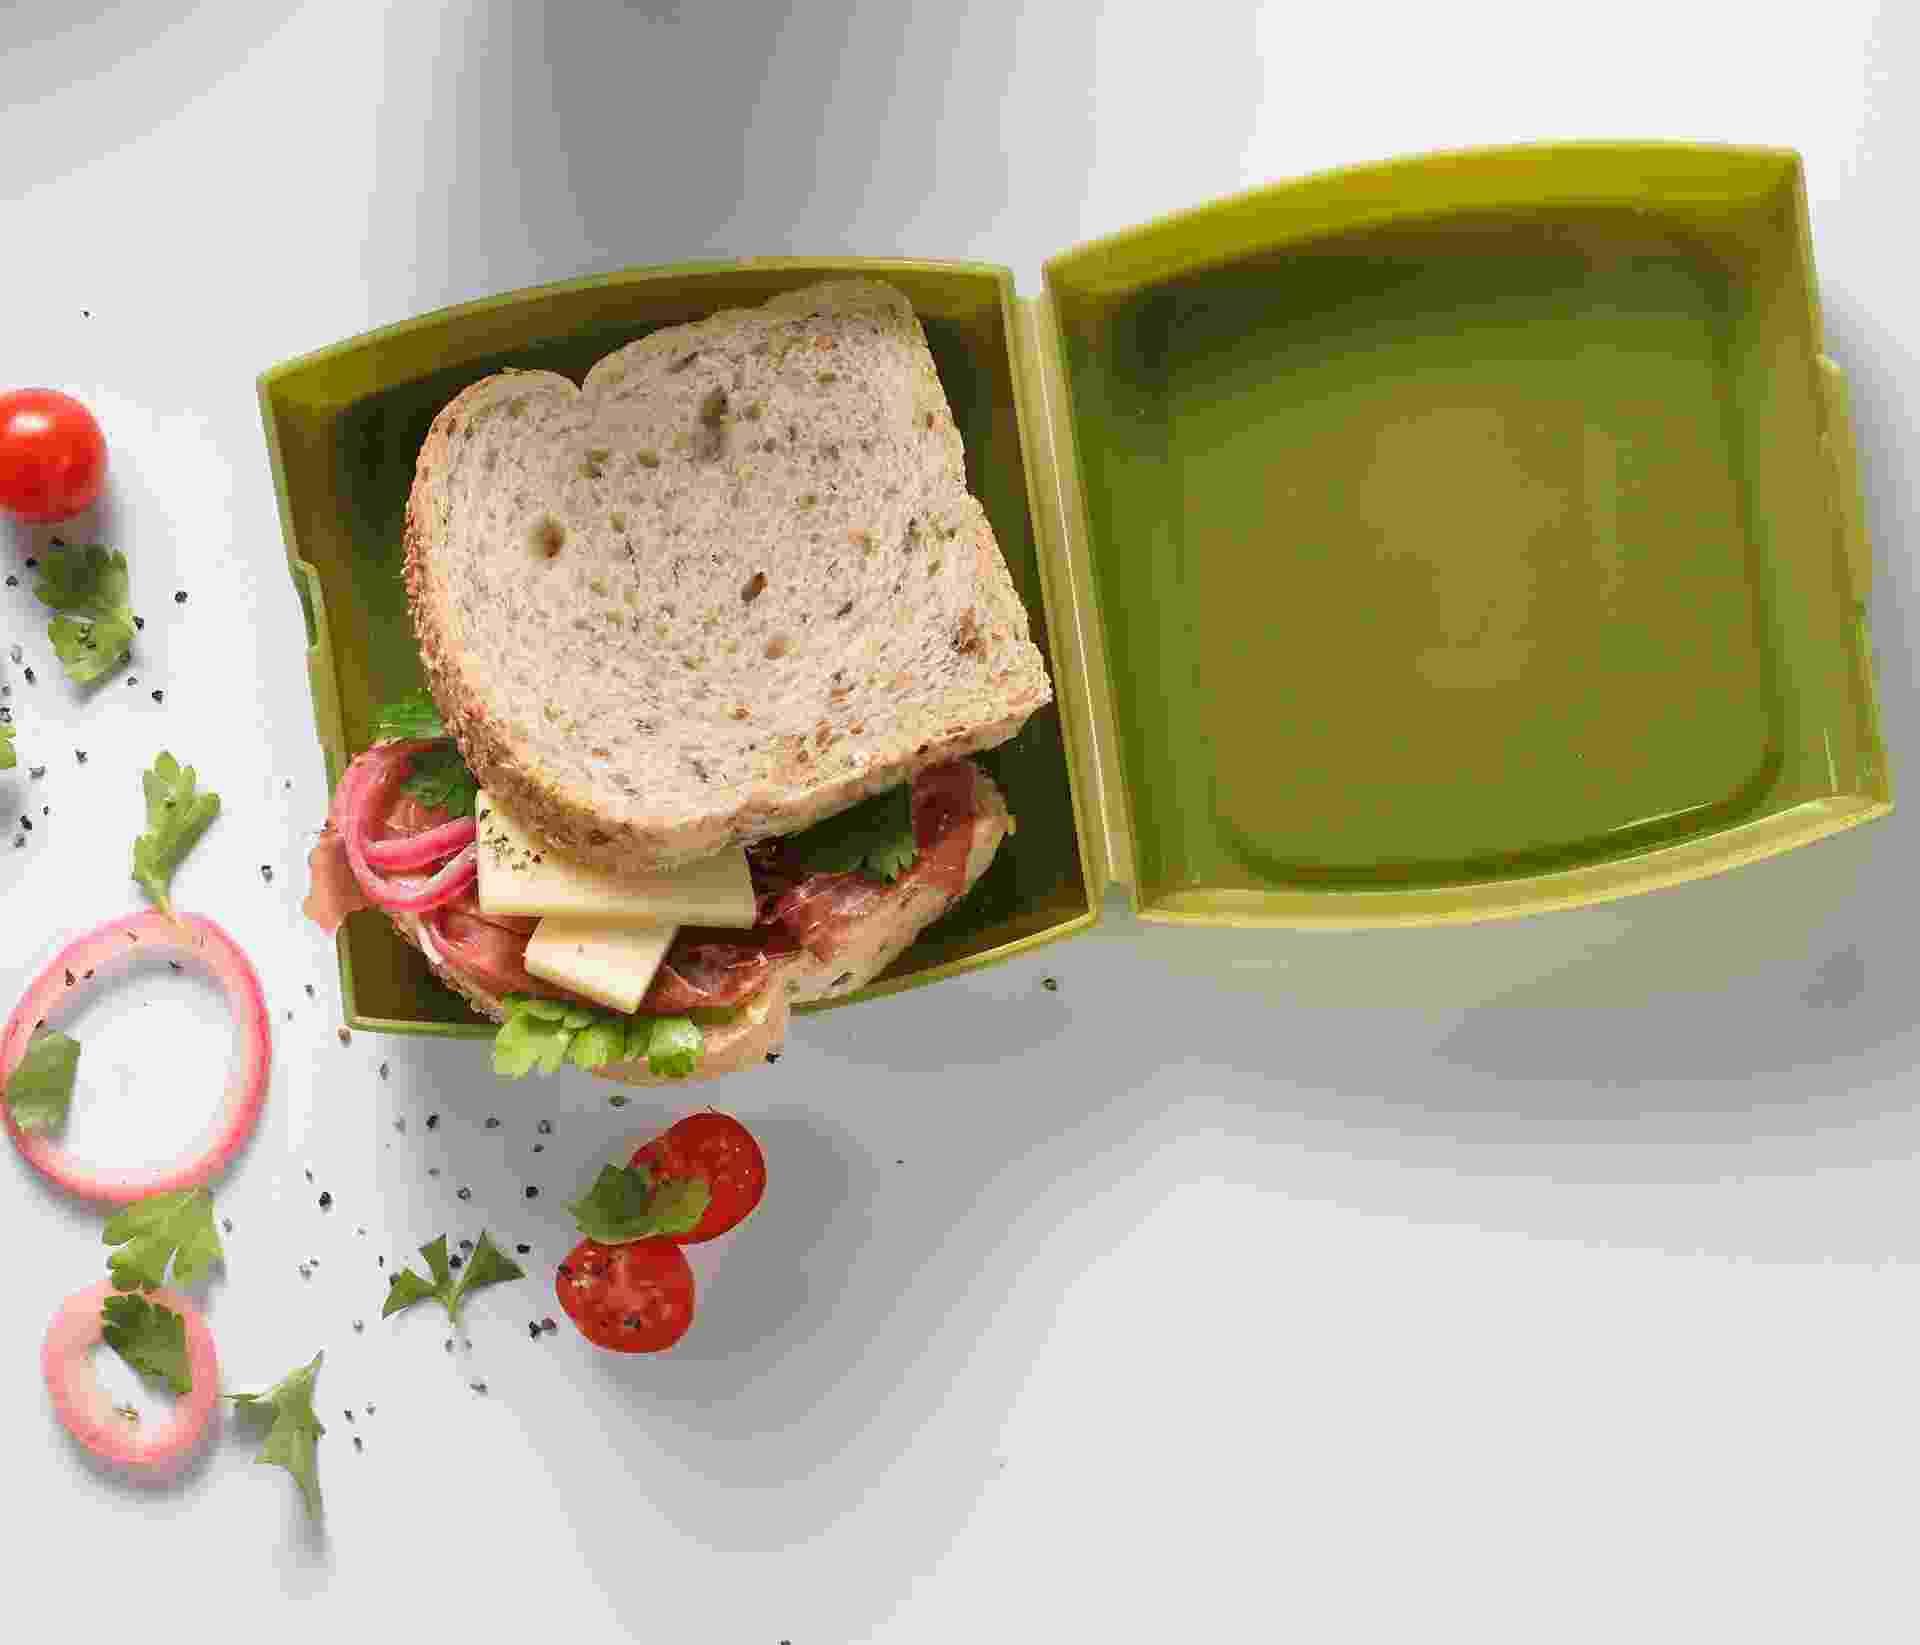 O porta-sanduíches da Trudeau é feito de polipropileno e tem tampa fixa. O objeto mede 14 cm x 14 cm e custa R$ 32,50, na Pepper (www.pepper.com.br) - Divulgação